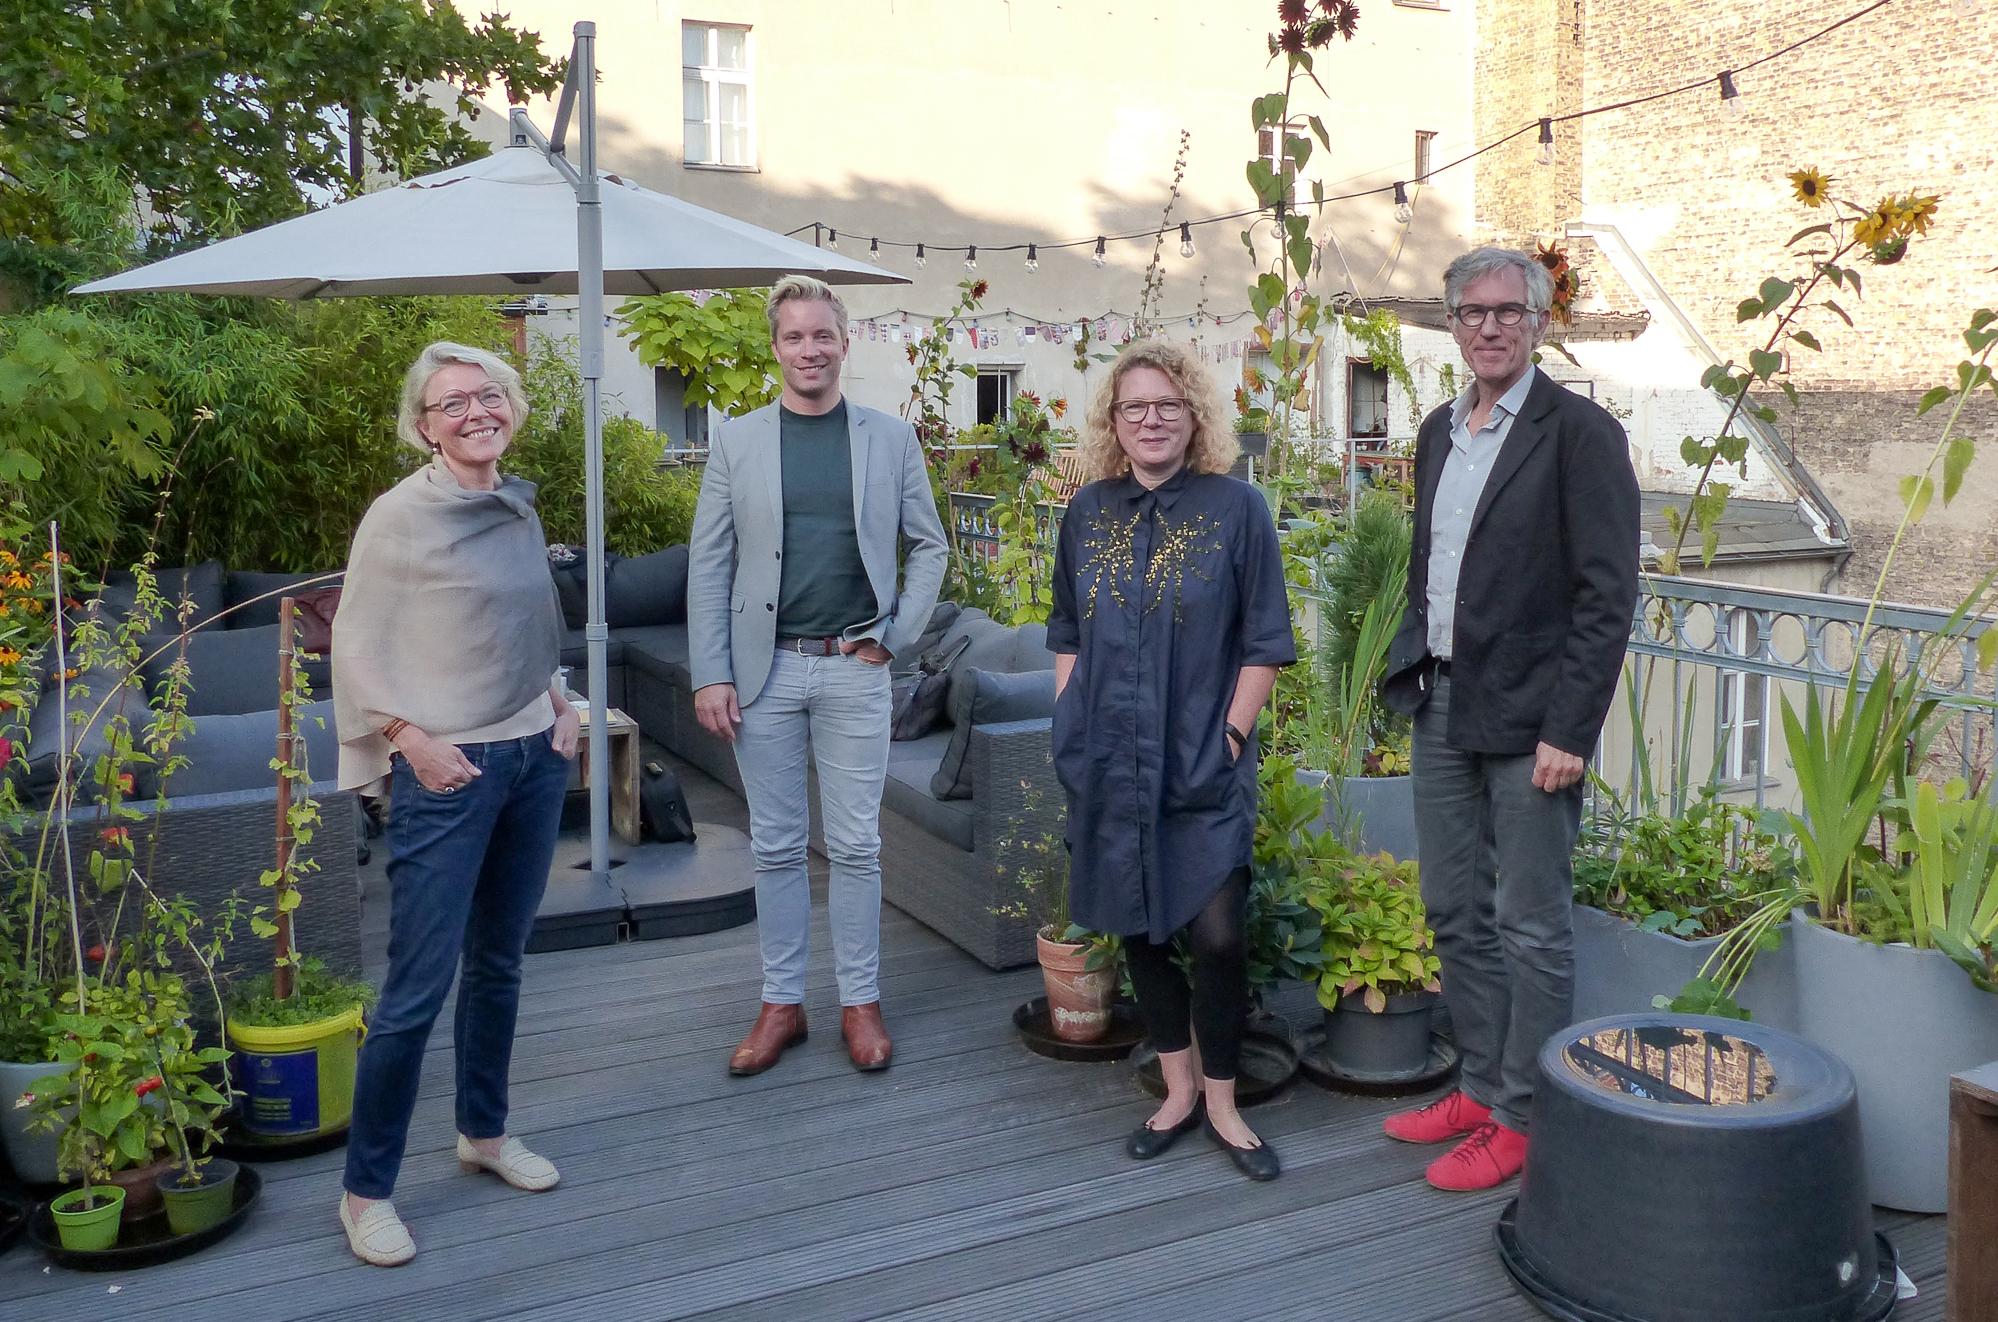 From left to right: Dr. Alexandra von Stosch, Tina Sauerländer, Ulrich Schrauth, Sabine Himmelsbach, Wolf Lieser, Not pictured: Astrid Kahmke, Courtesy: DKB (Deutsche Kreditbank)